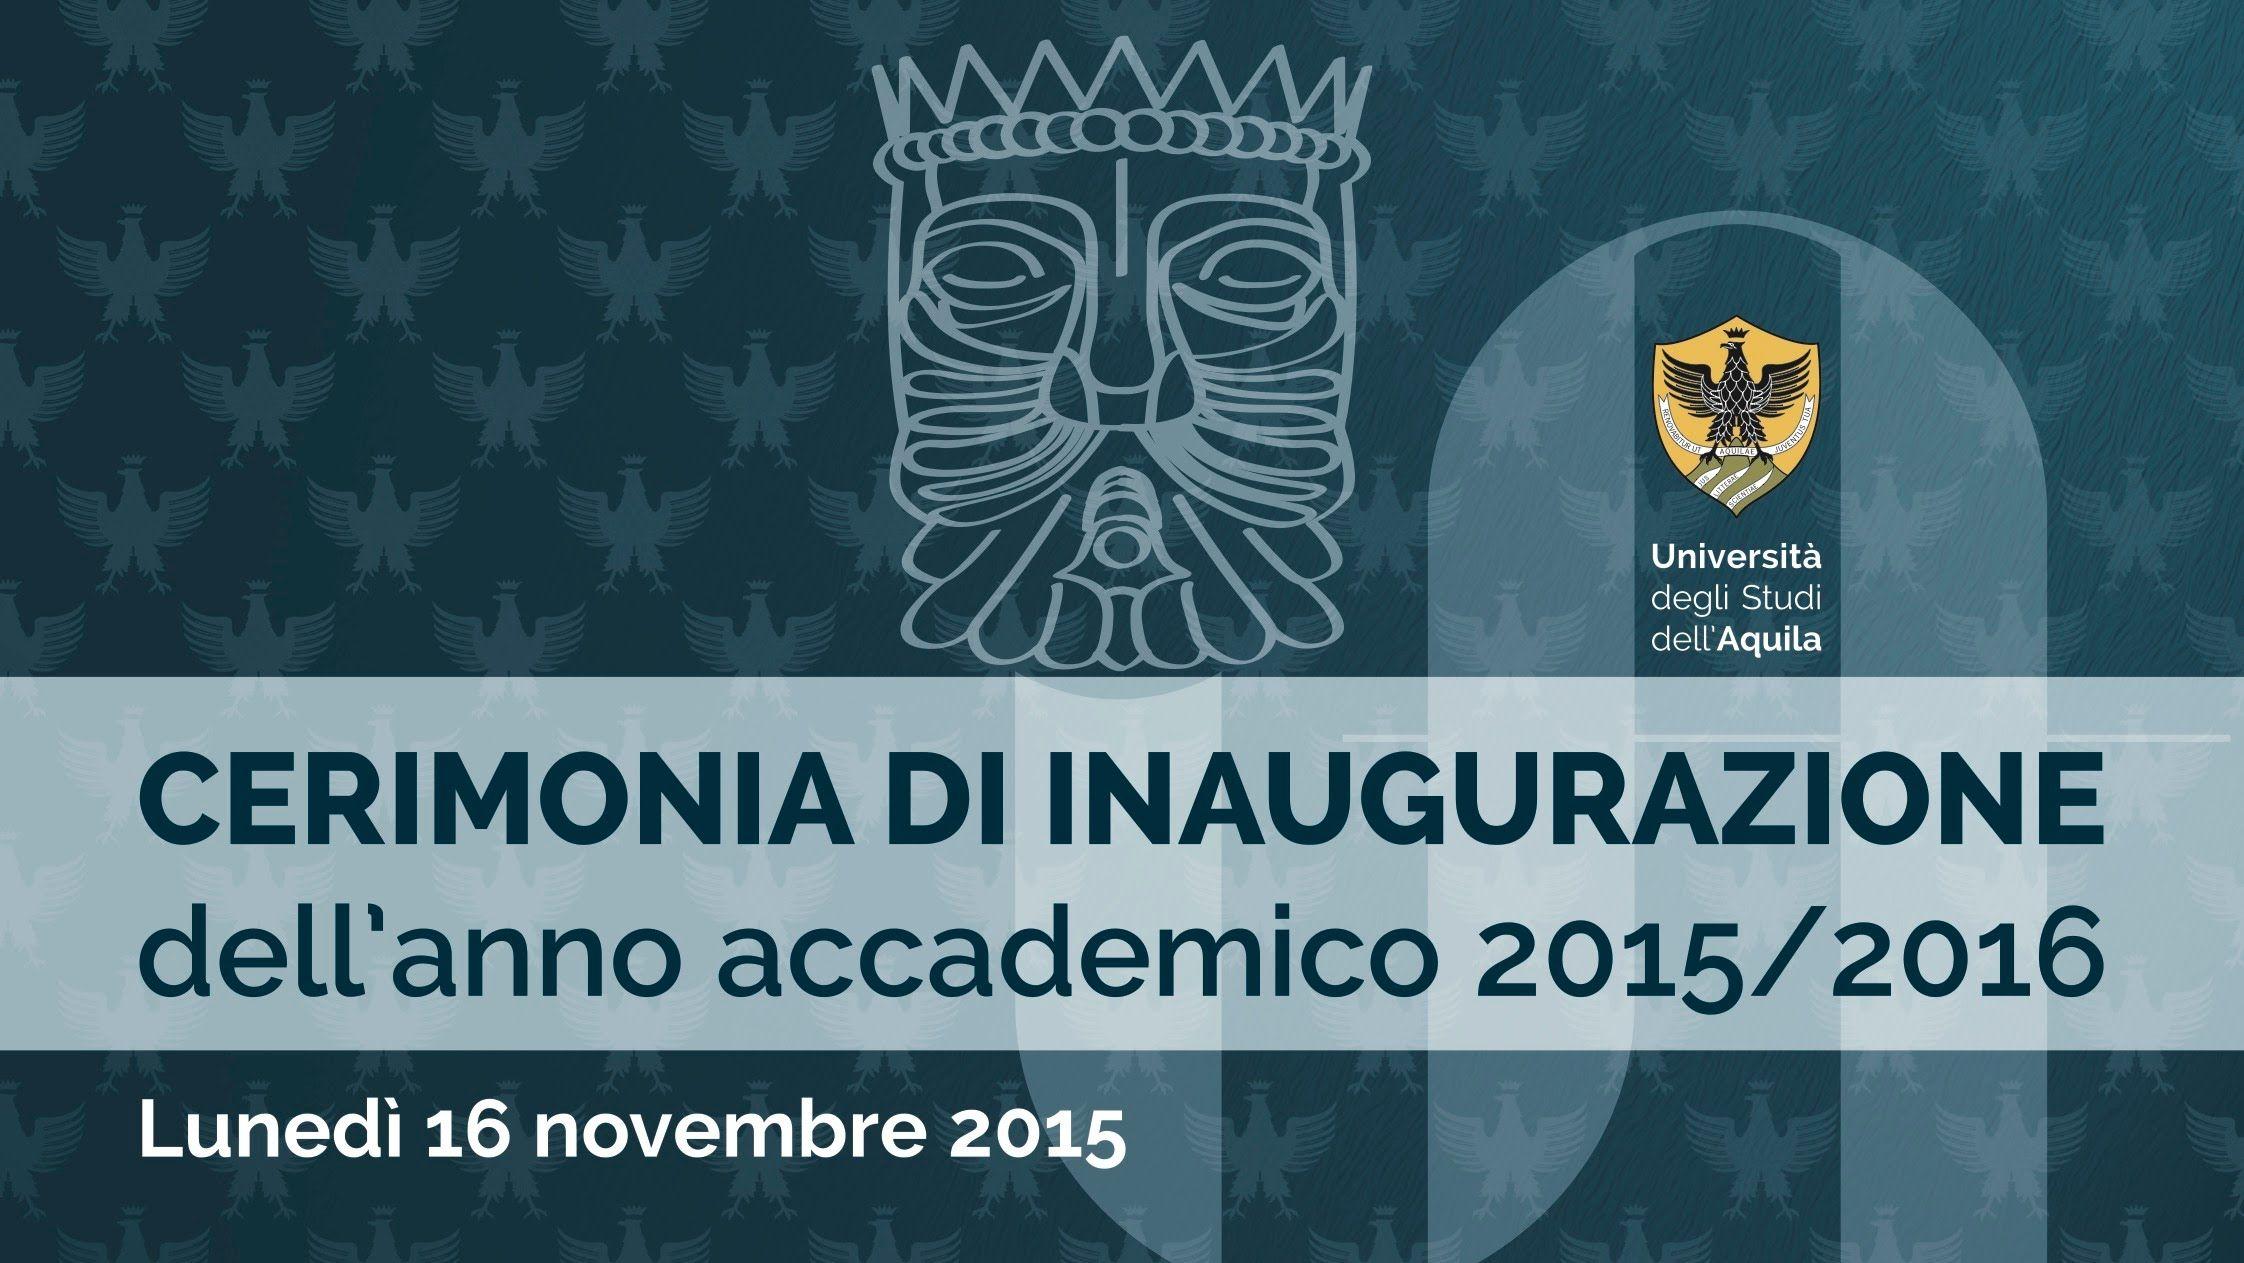 Video racconto della notte europea dei ricercatori tenutasi a L'Aquila il 25 settembre 2015 SHARPER di Luca Cococcetta presentato in occasione dell'inauguraz...